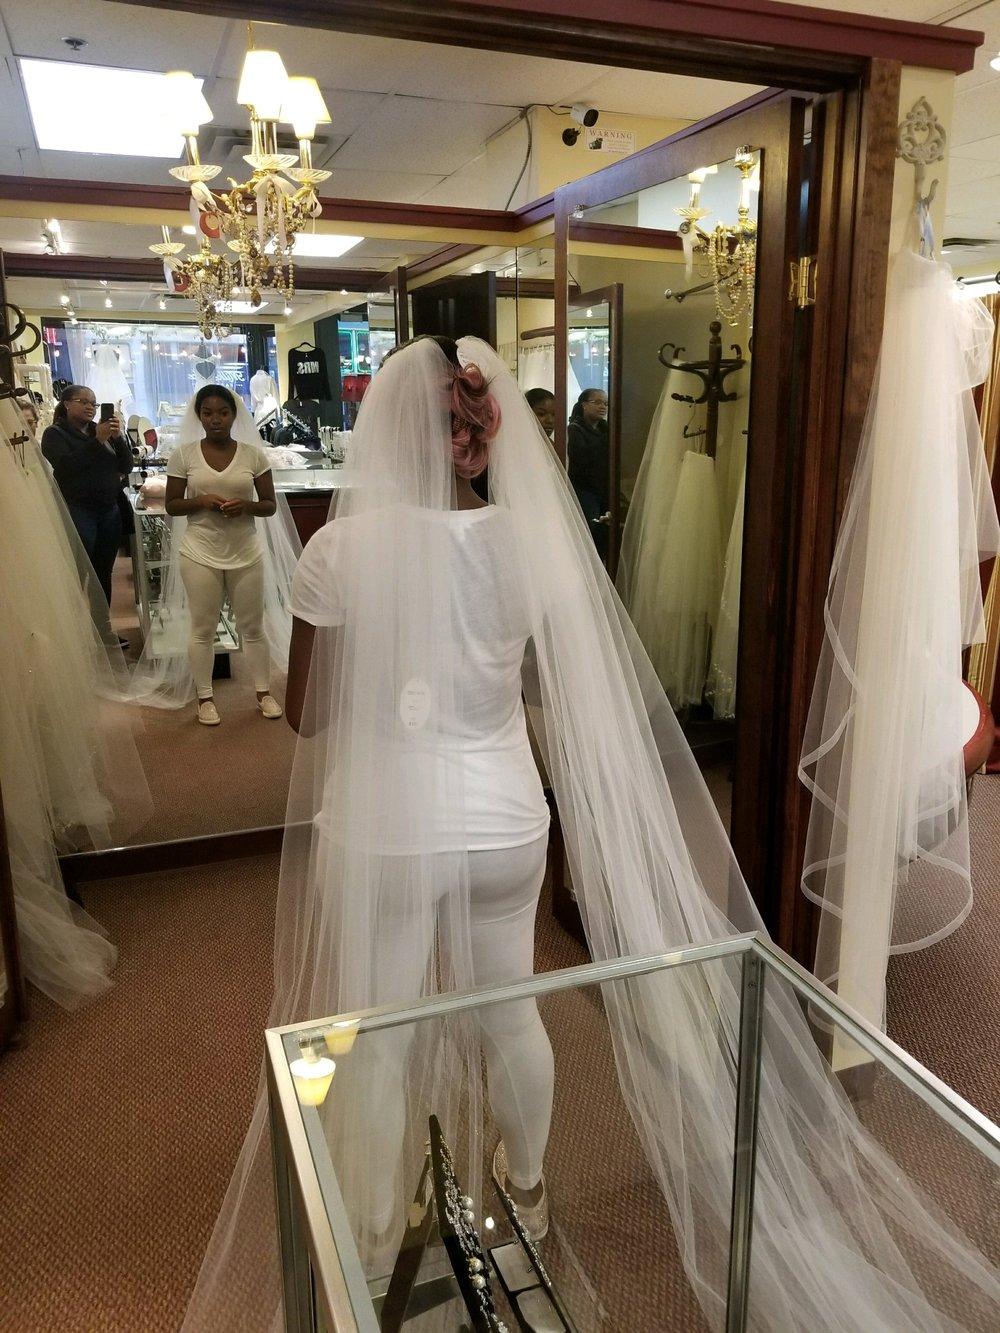 Black Destination Bride - BlackDesti Wedding Journal - Bridefriends Podcast -16 Headpiece 2 veils yes 3.JPG